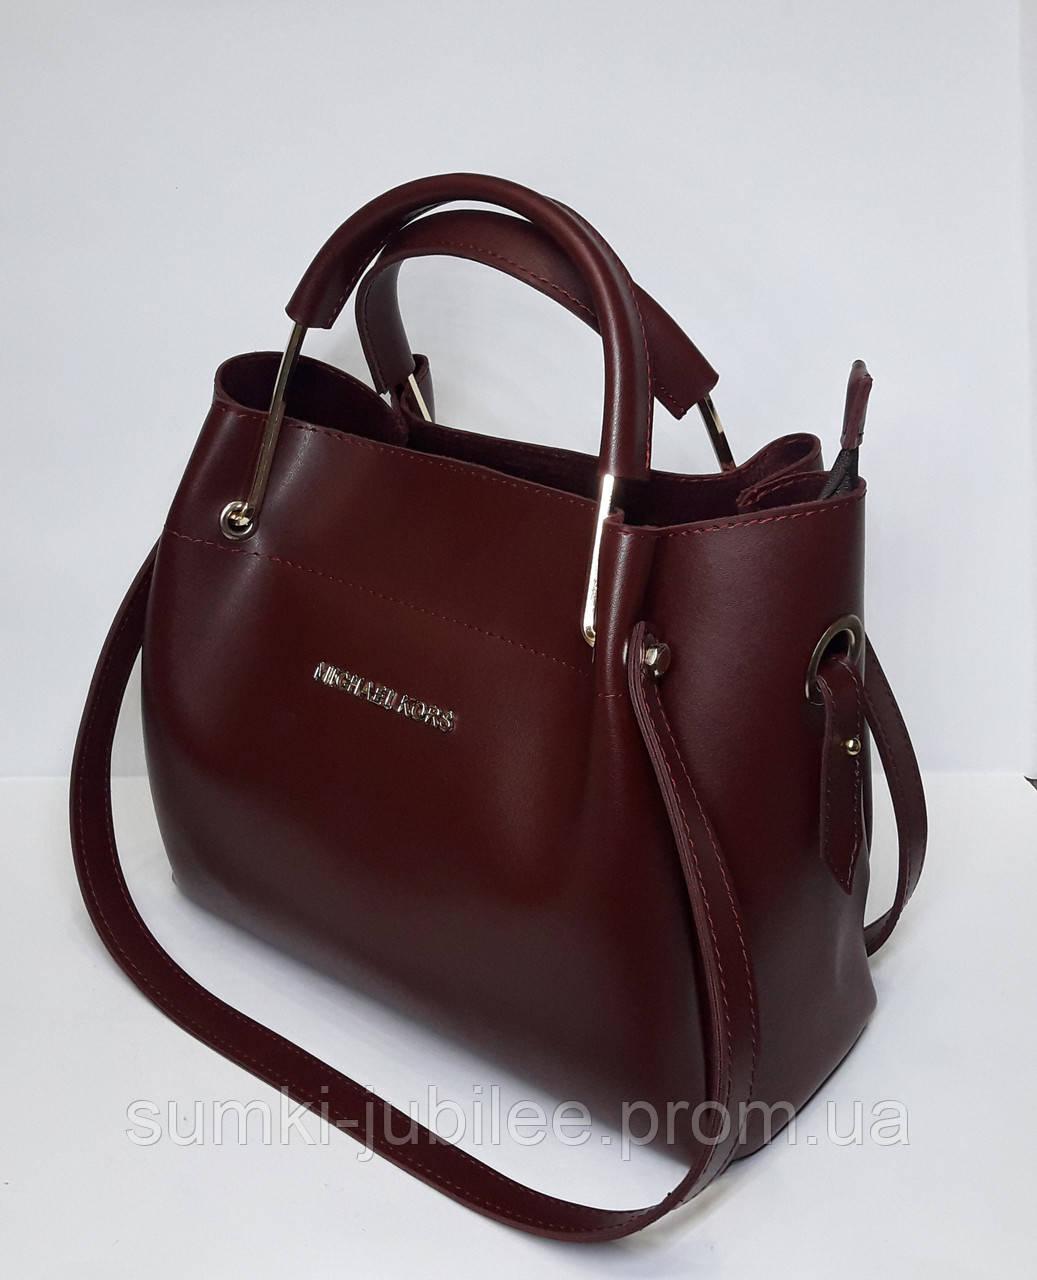 82fb9d6331a2 Женская кожаная сумка